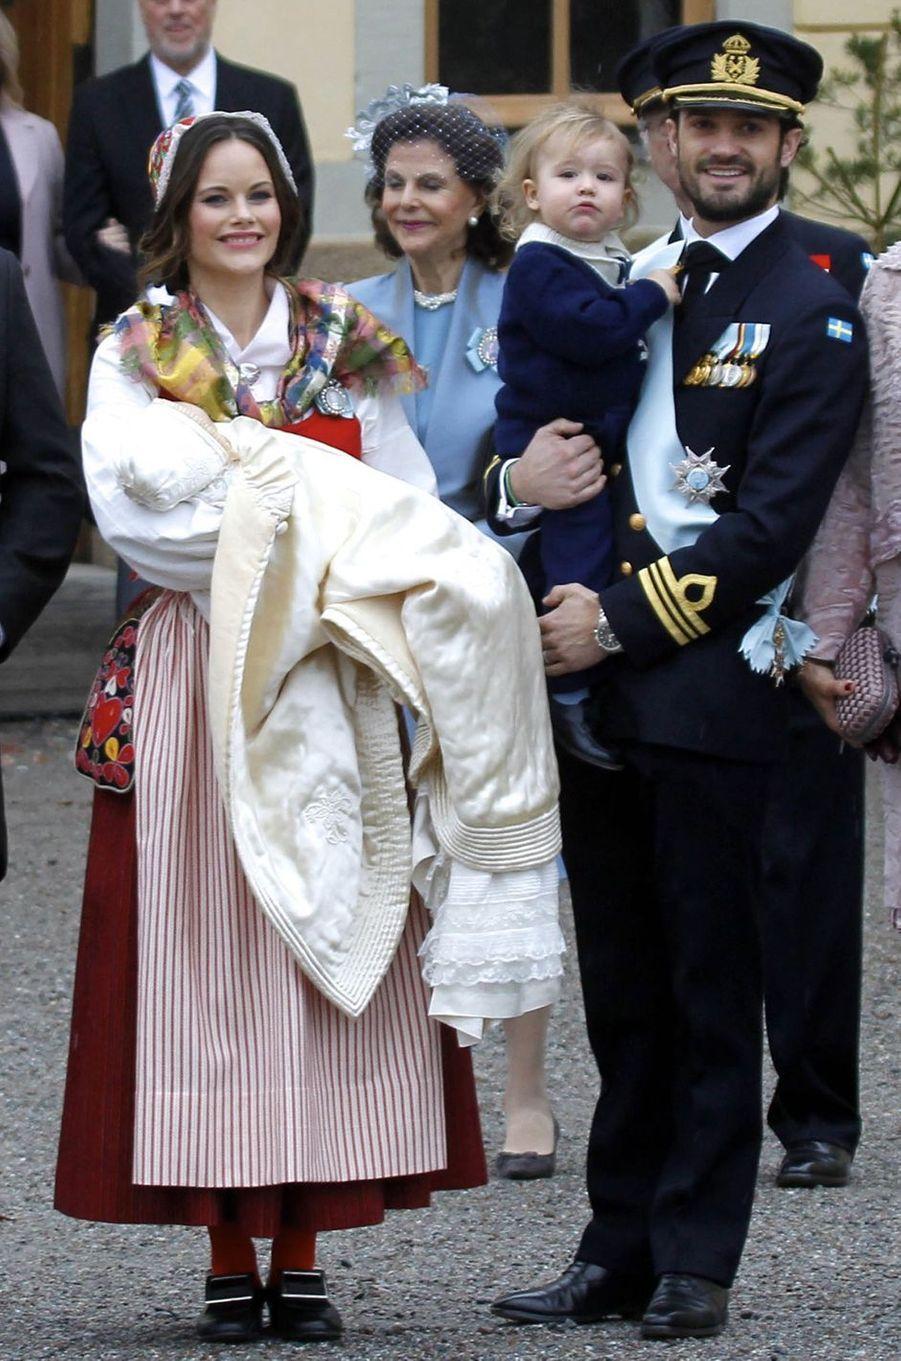 La princesse Sofia de Suède au baptême de son fils le prince Gabriel, le 1er décembre 2017